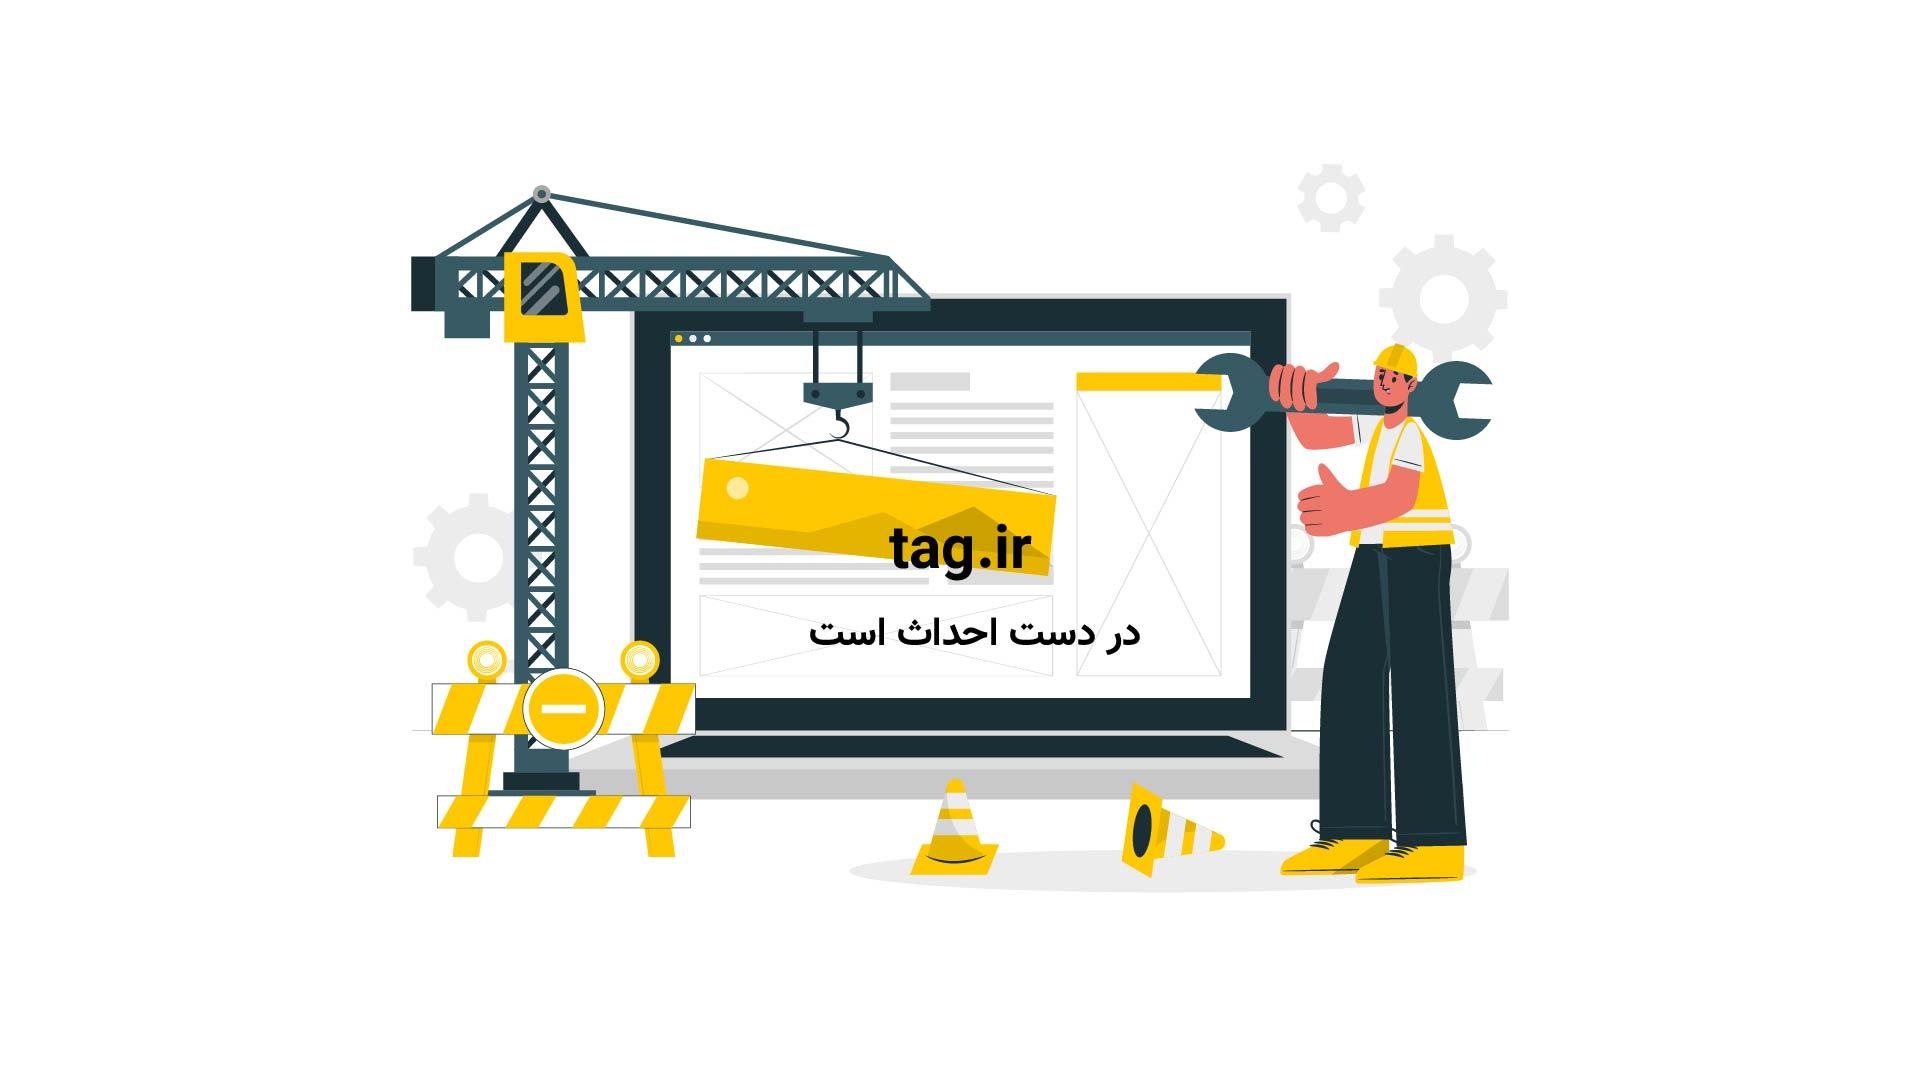 آموزش اوریگامی درست کردن گل های رنگی | فیلم